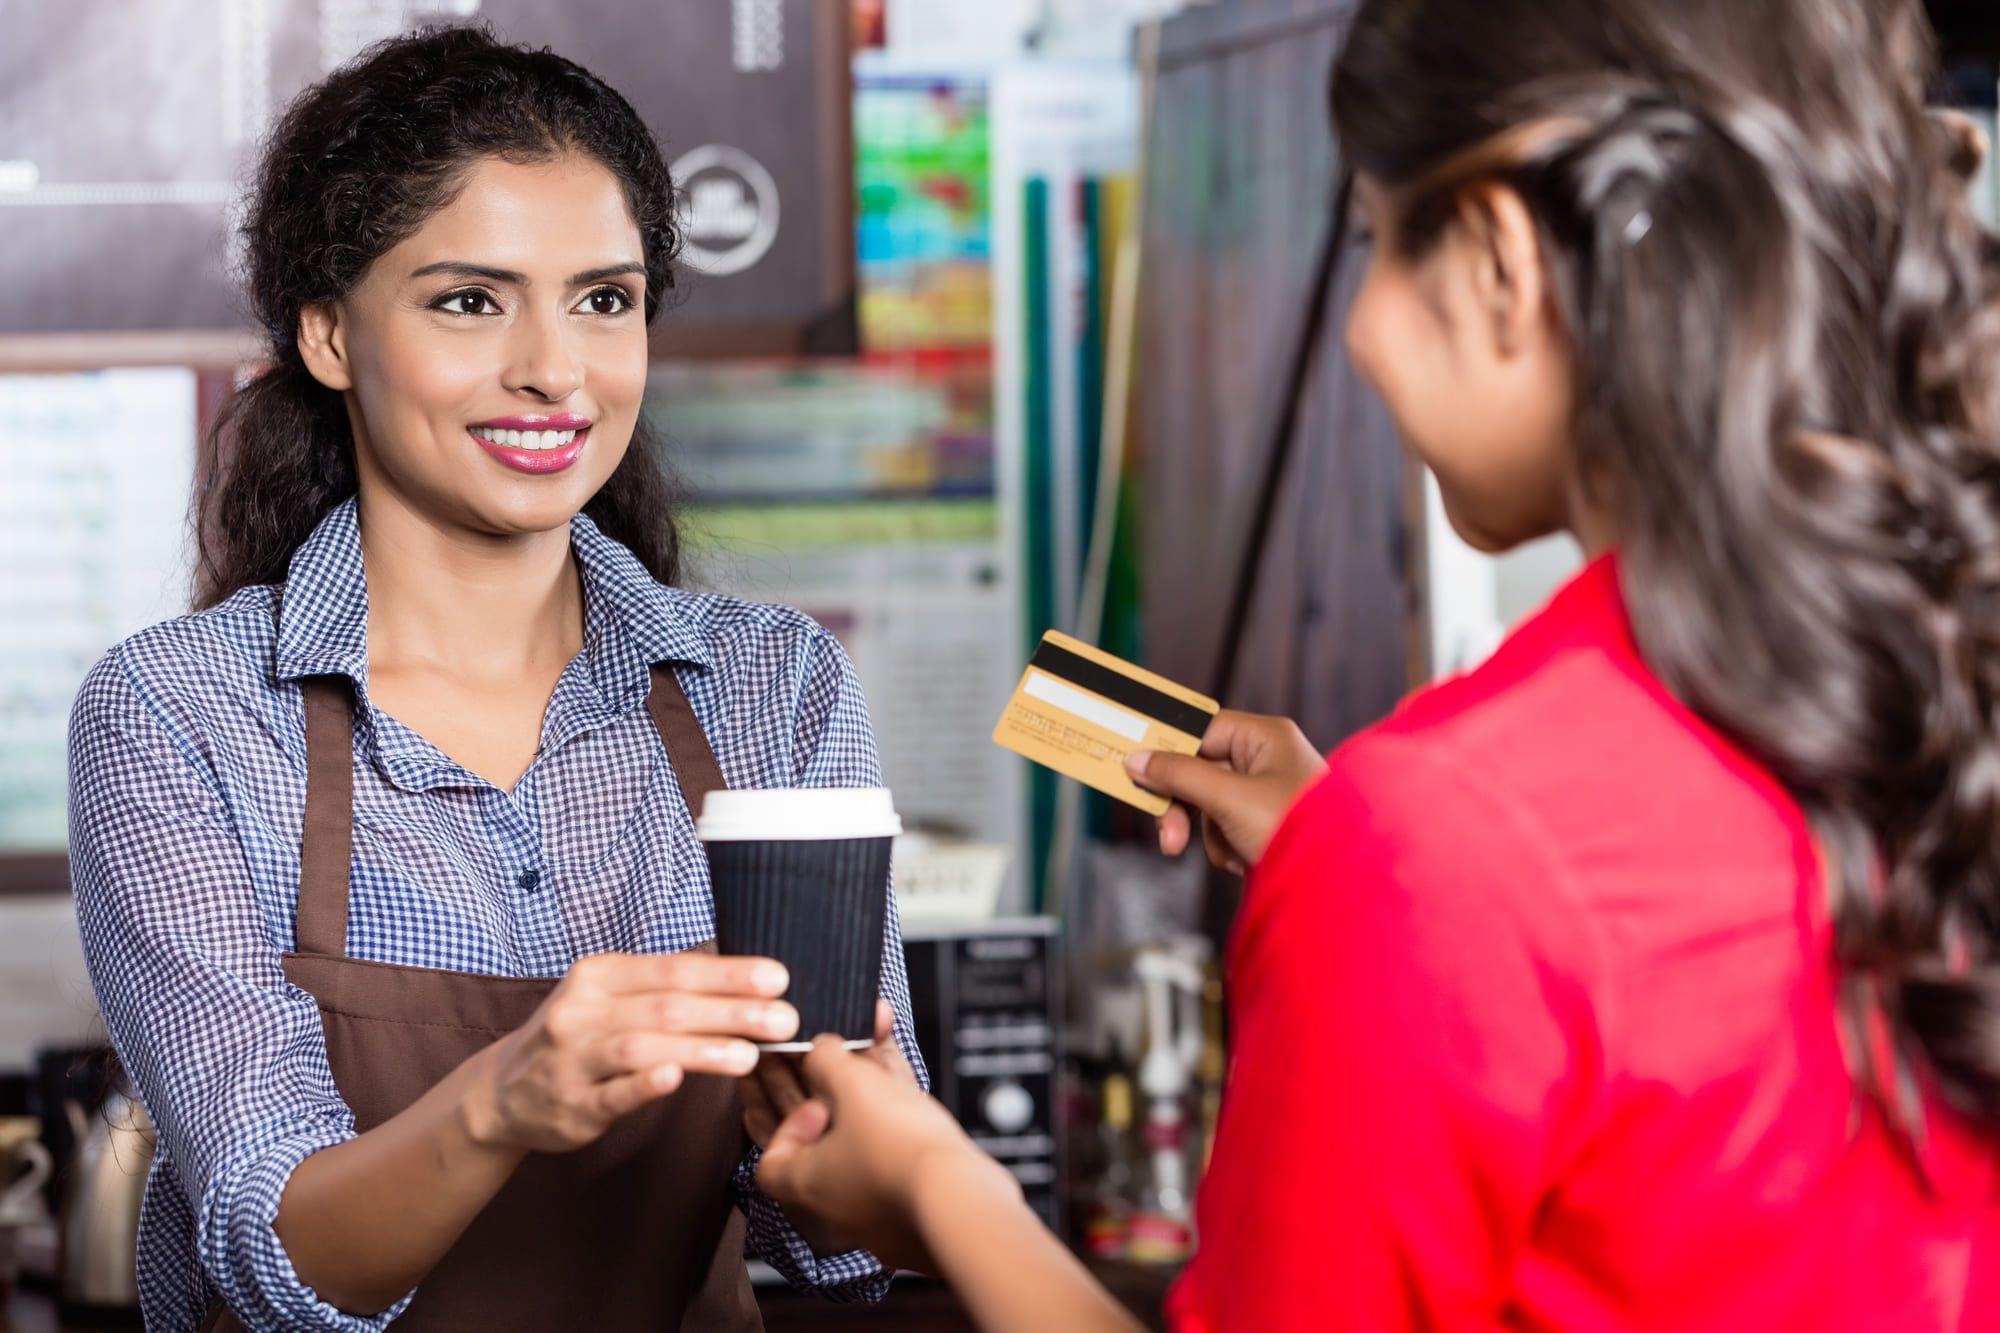 カードでコーヒーを買う女性と女性店員